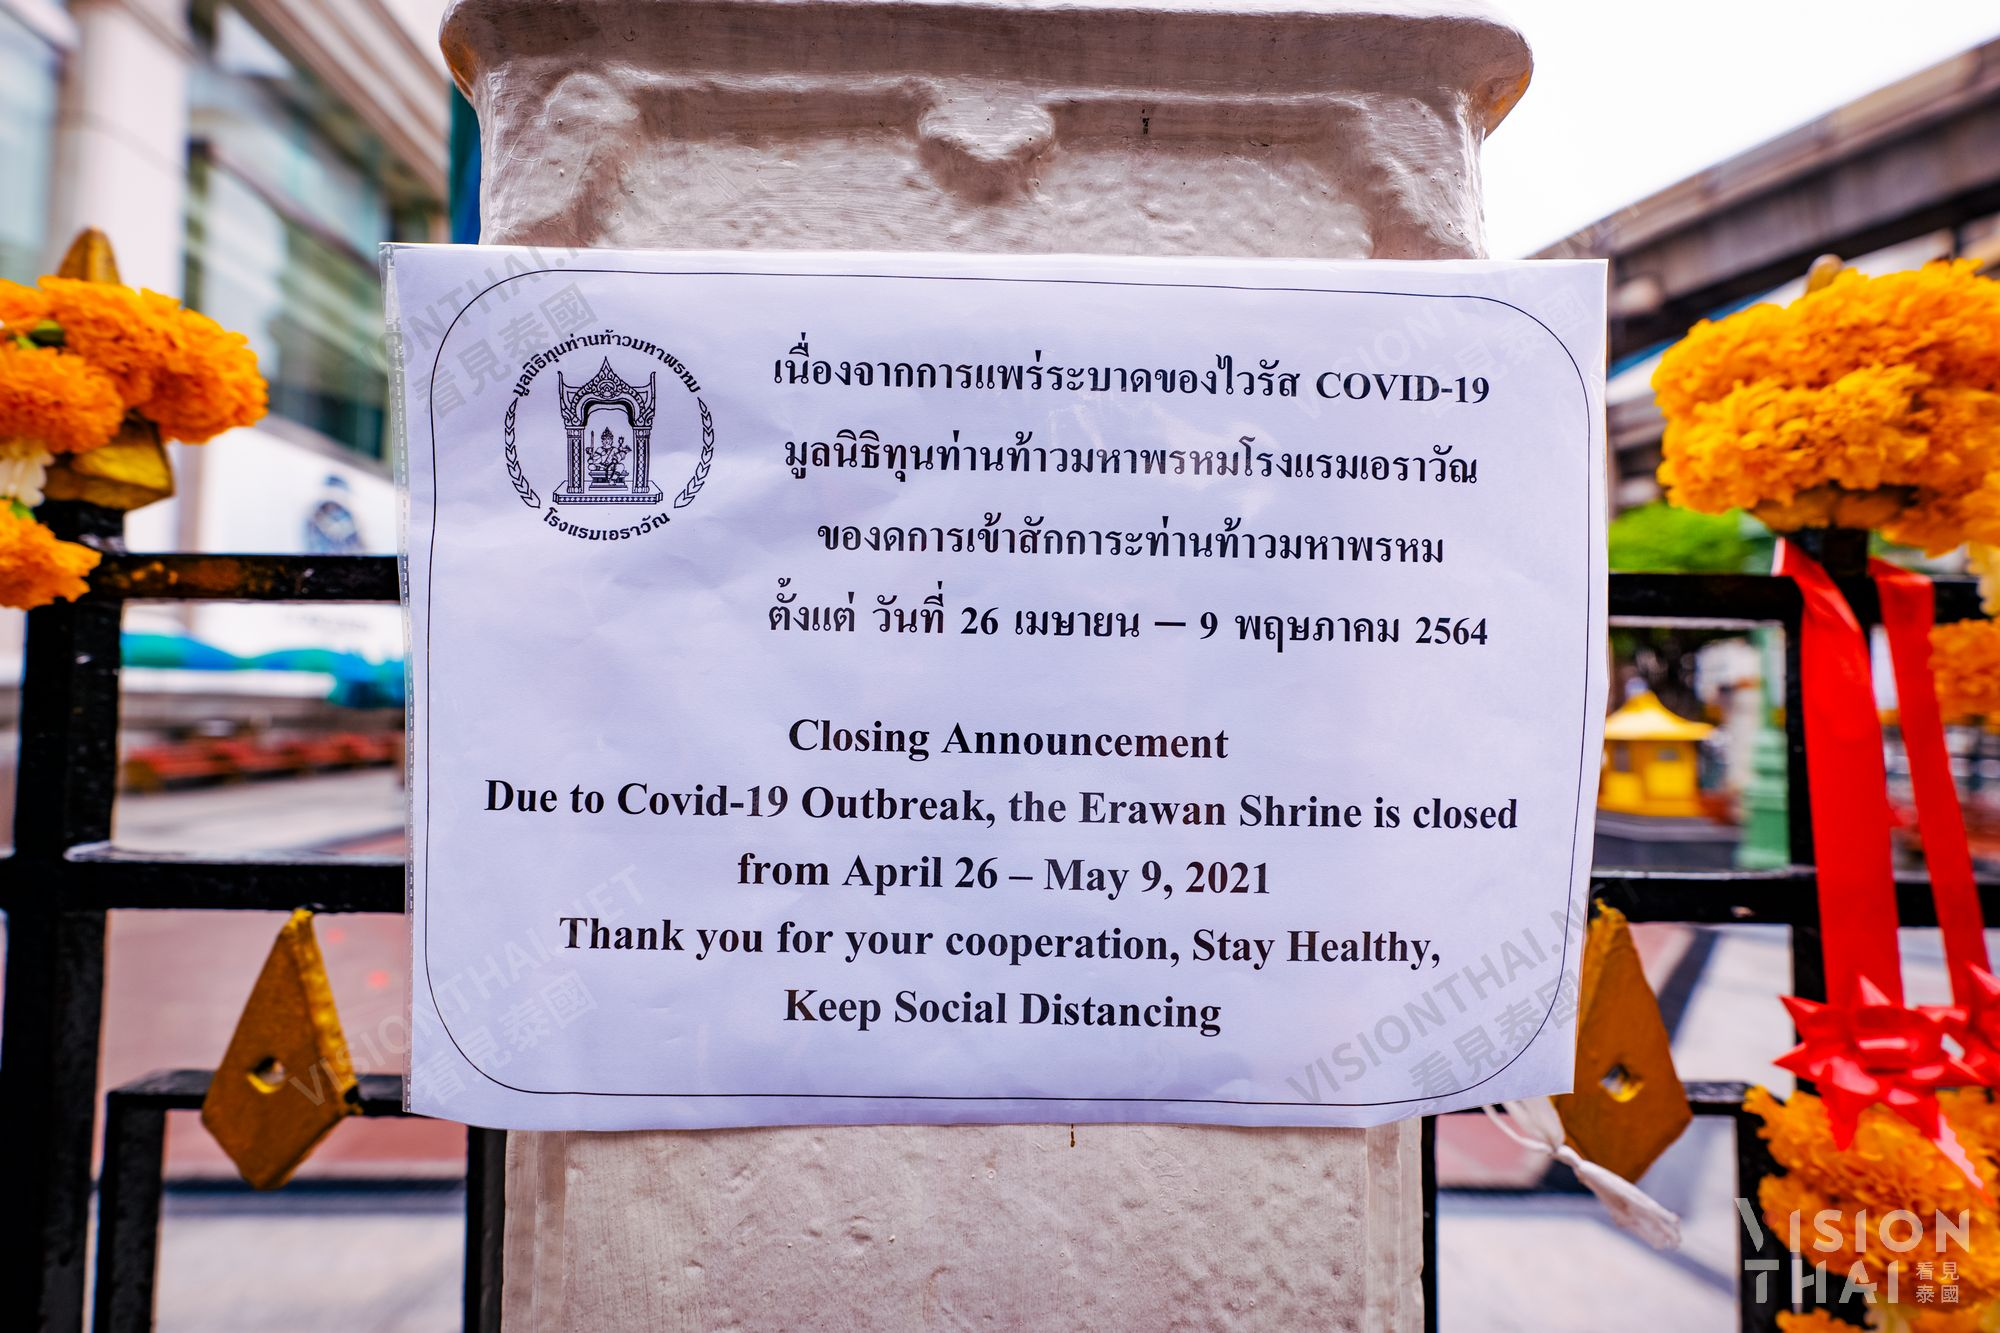 着名曼谷景点四面佛上週贴出公告,自4月26日起关闭至5月9日。(图片来源:VISION THAI看见泰国)